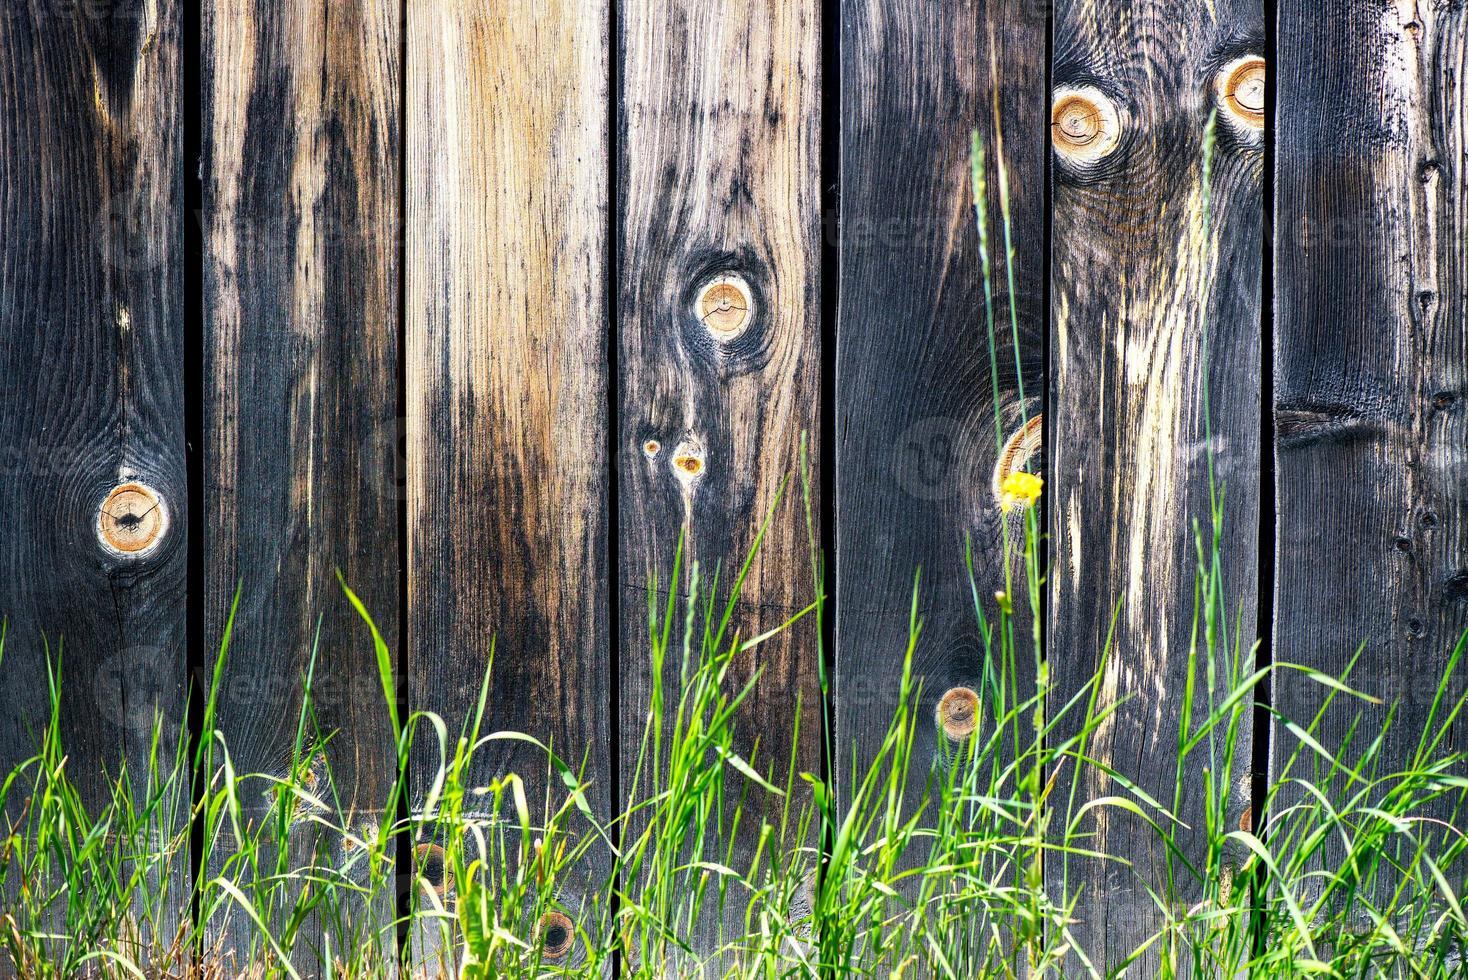 grama selvagem perto da cerca de madeira velha foto